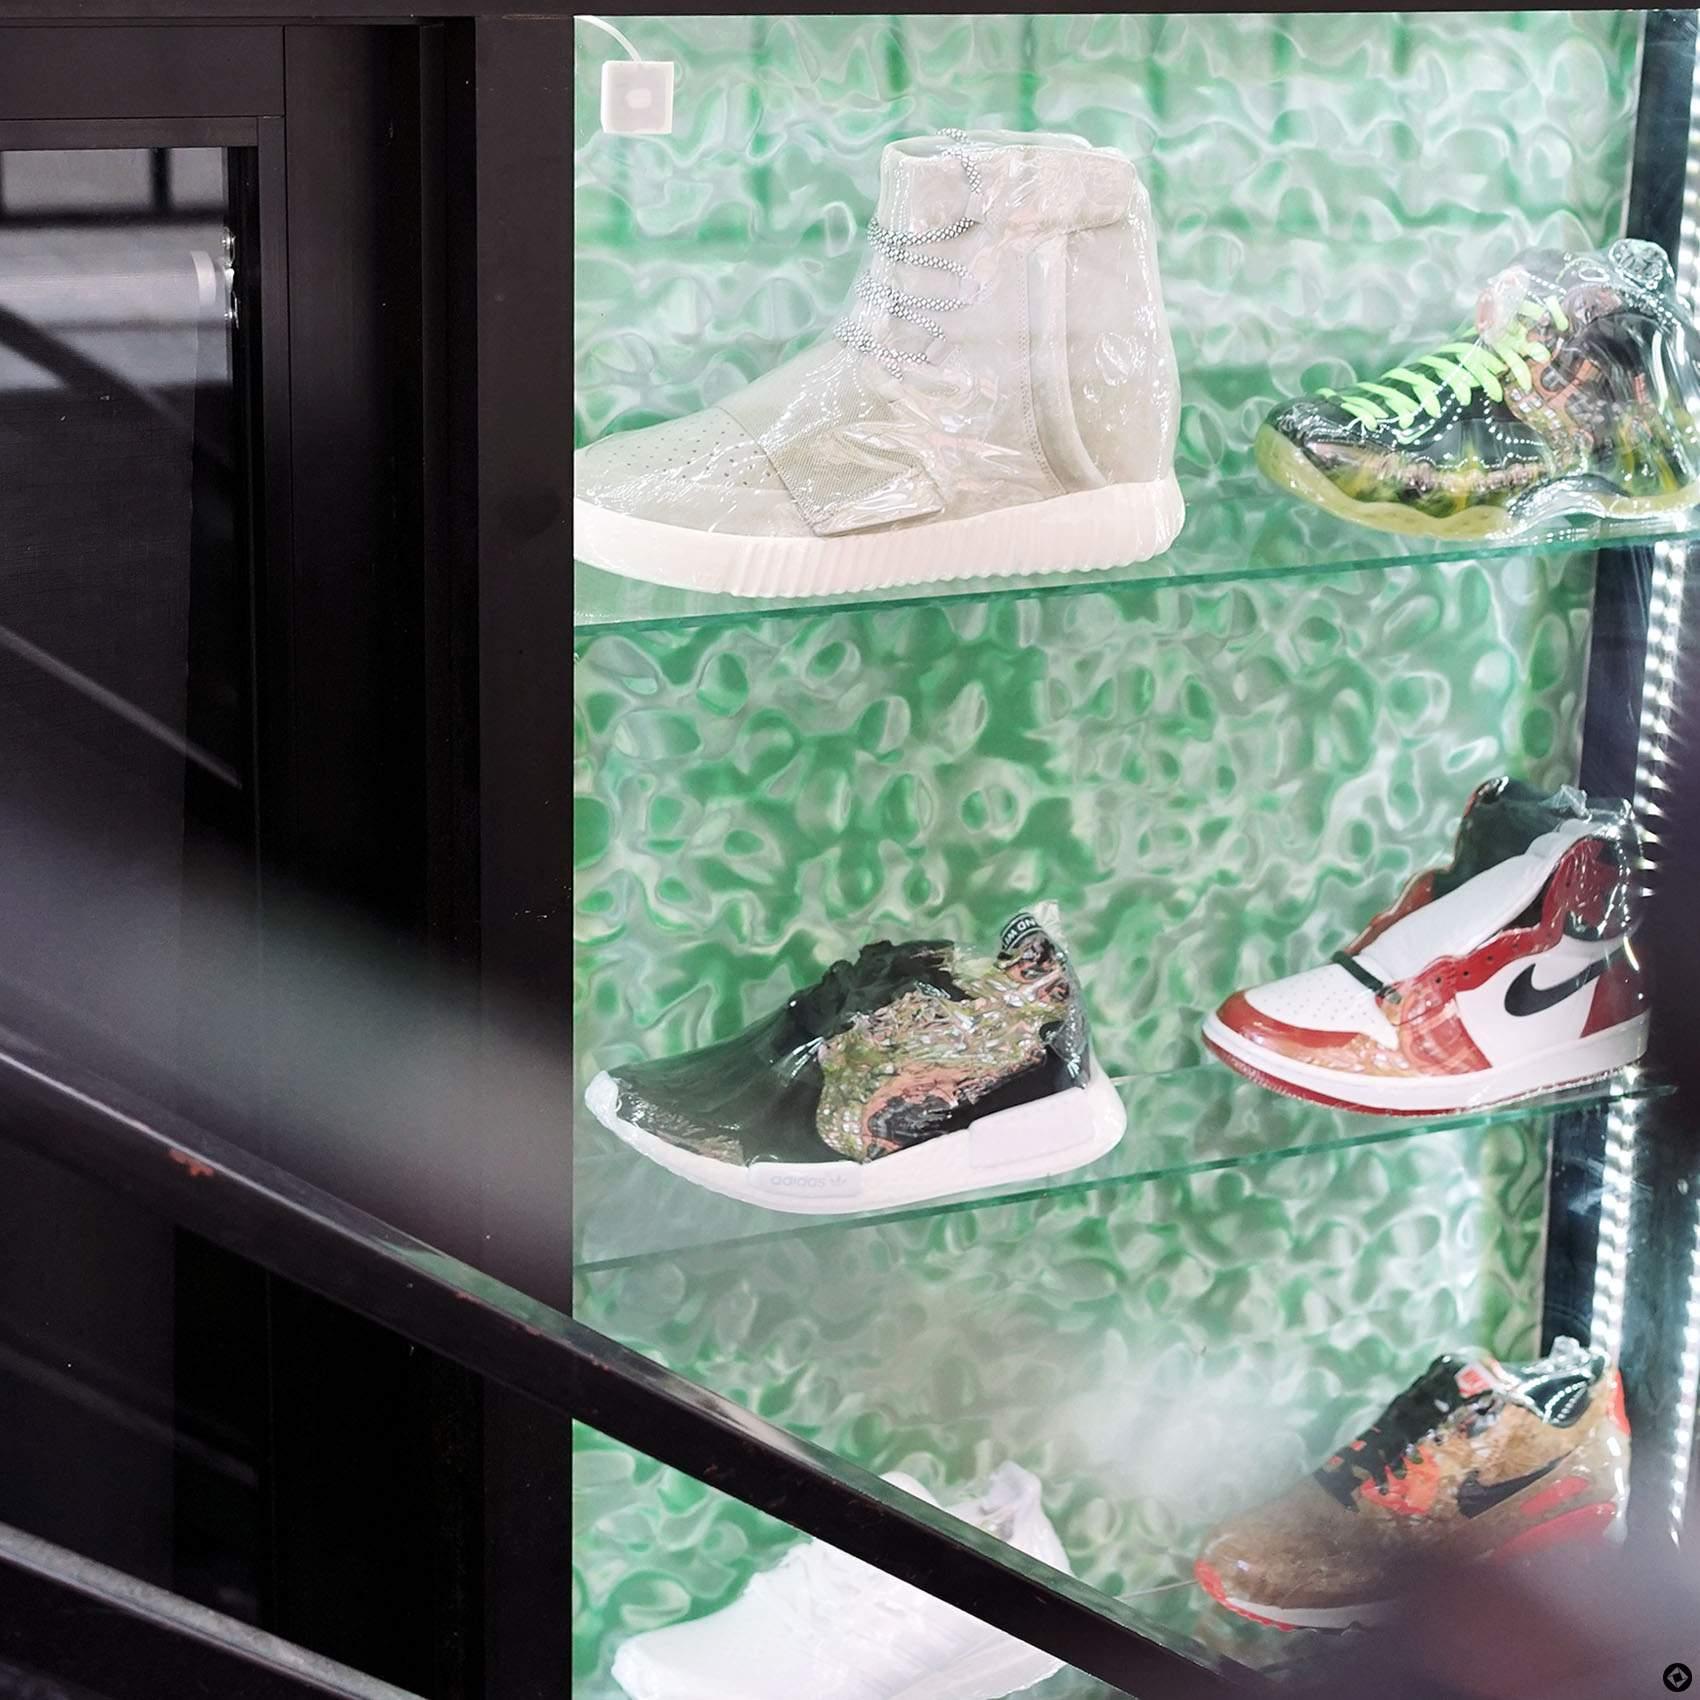 détaillants de chaussures new balance à grand junction co